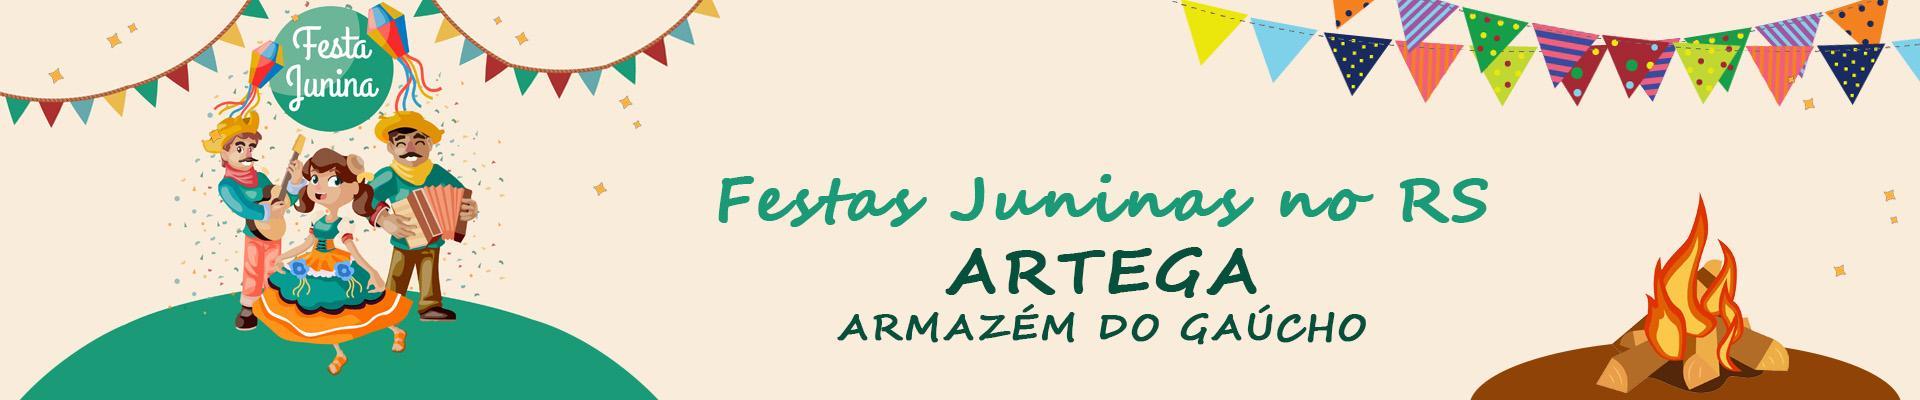 festa junina RS